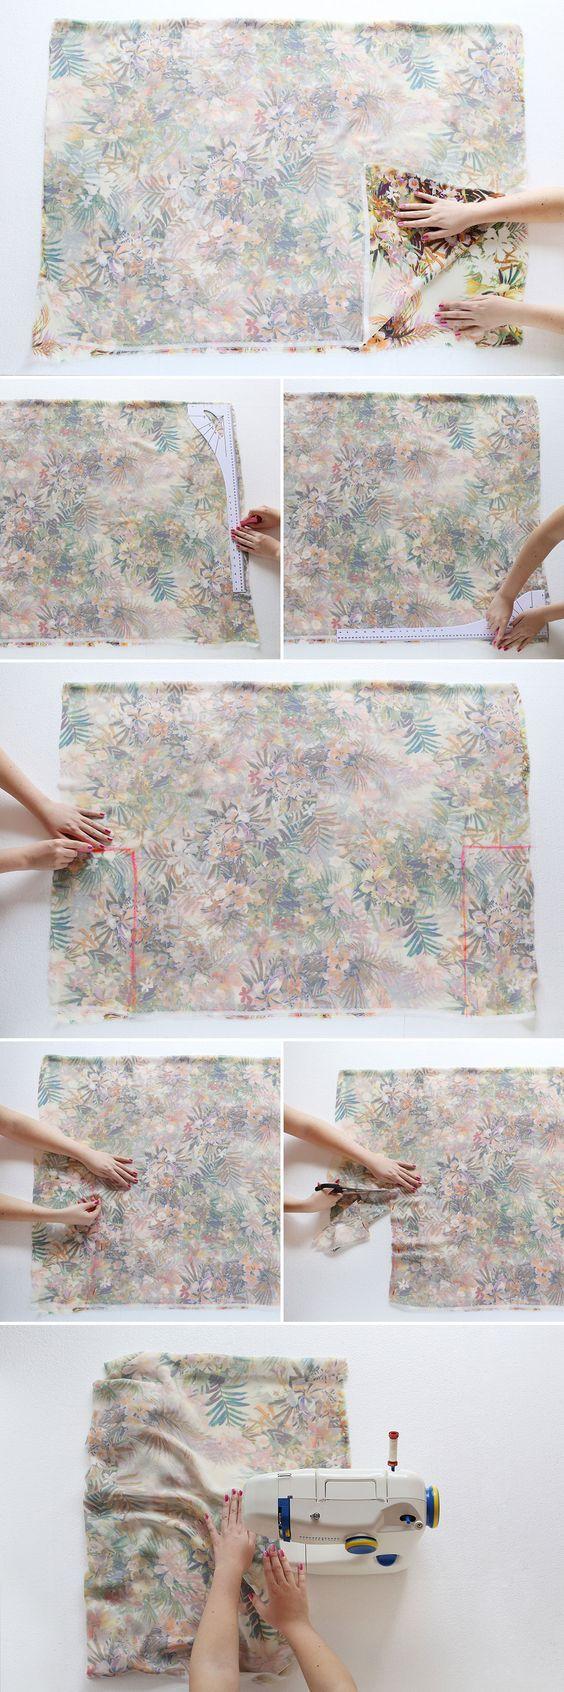 Ein schönes Tutorial, wie ihr selbst gestaltete und bei uns bedruckte Seide- oder Viskosetücher in 30min einen Kimono verwandelt. DIY a Kimono in 30 Minutes! via Brit + Co. Stoffideen gibt es hier -> https://de.pinterest.com/stoffschmie_de/fr%C3%BChling-stoffe/